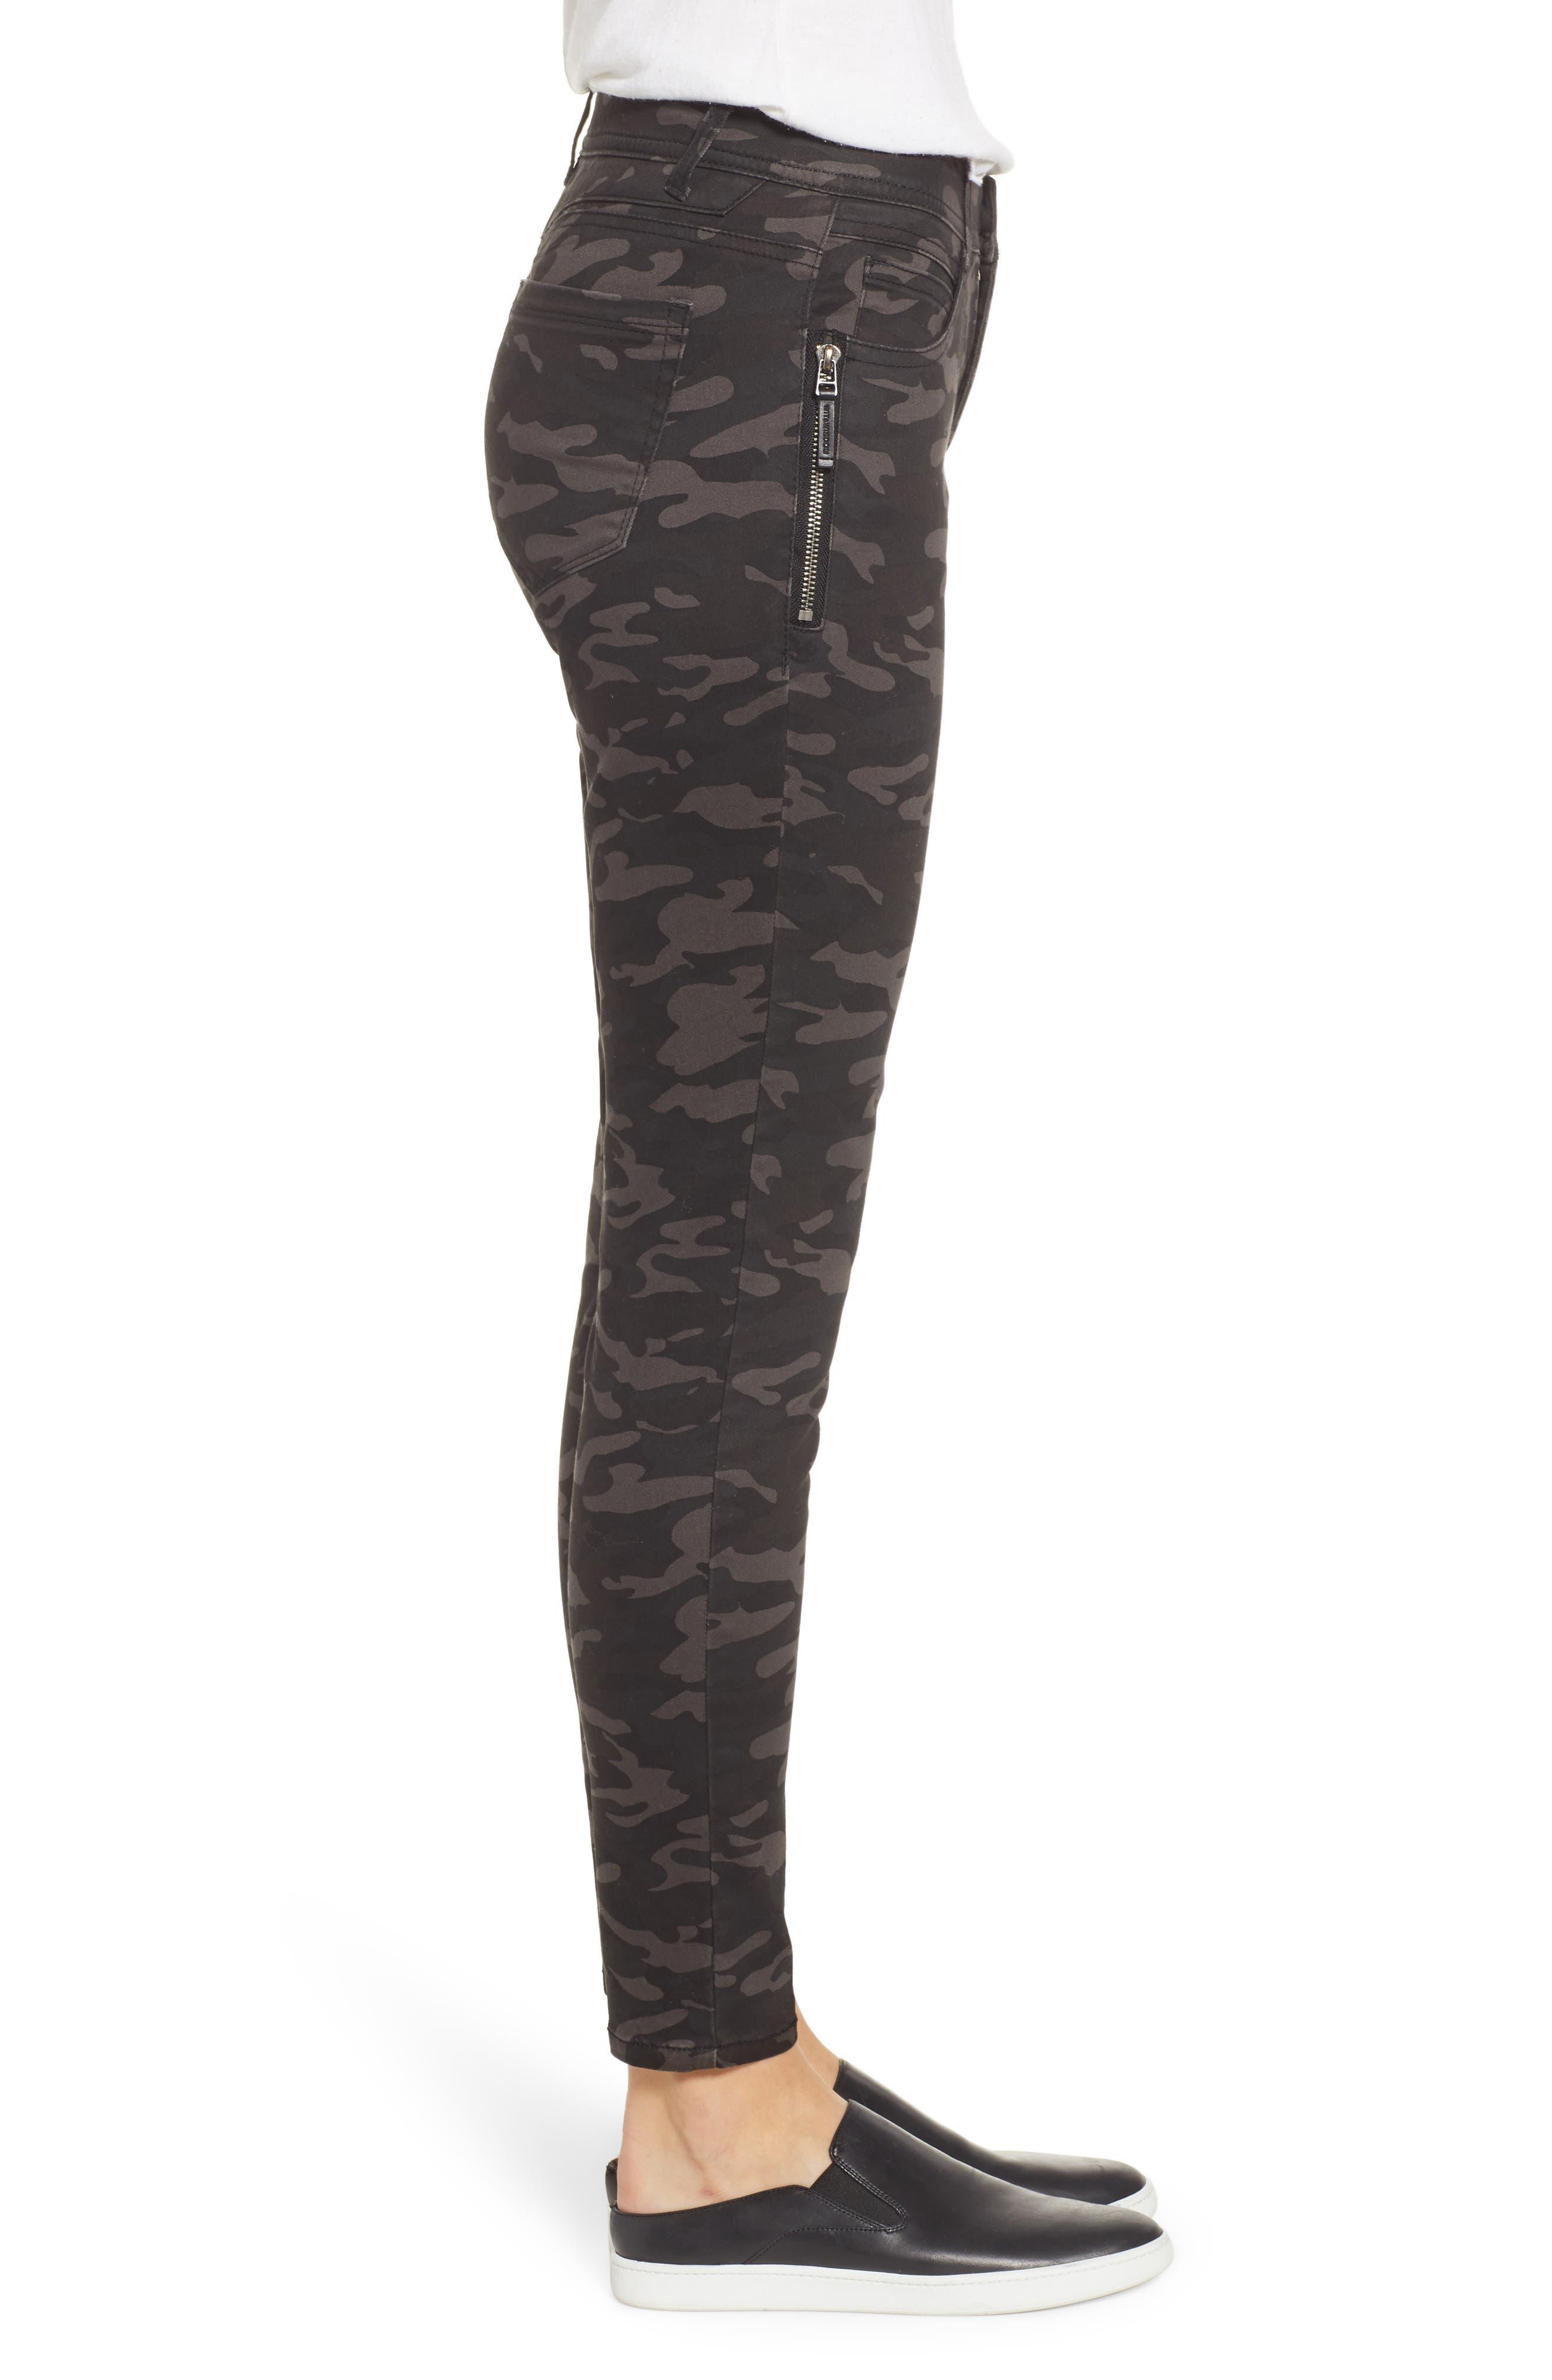 Ab-Solution Camo Ankle Pants,                             Alternate thumbnail 3, color,                             BLACK